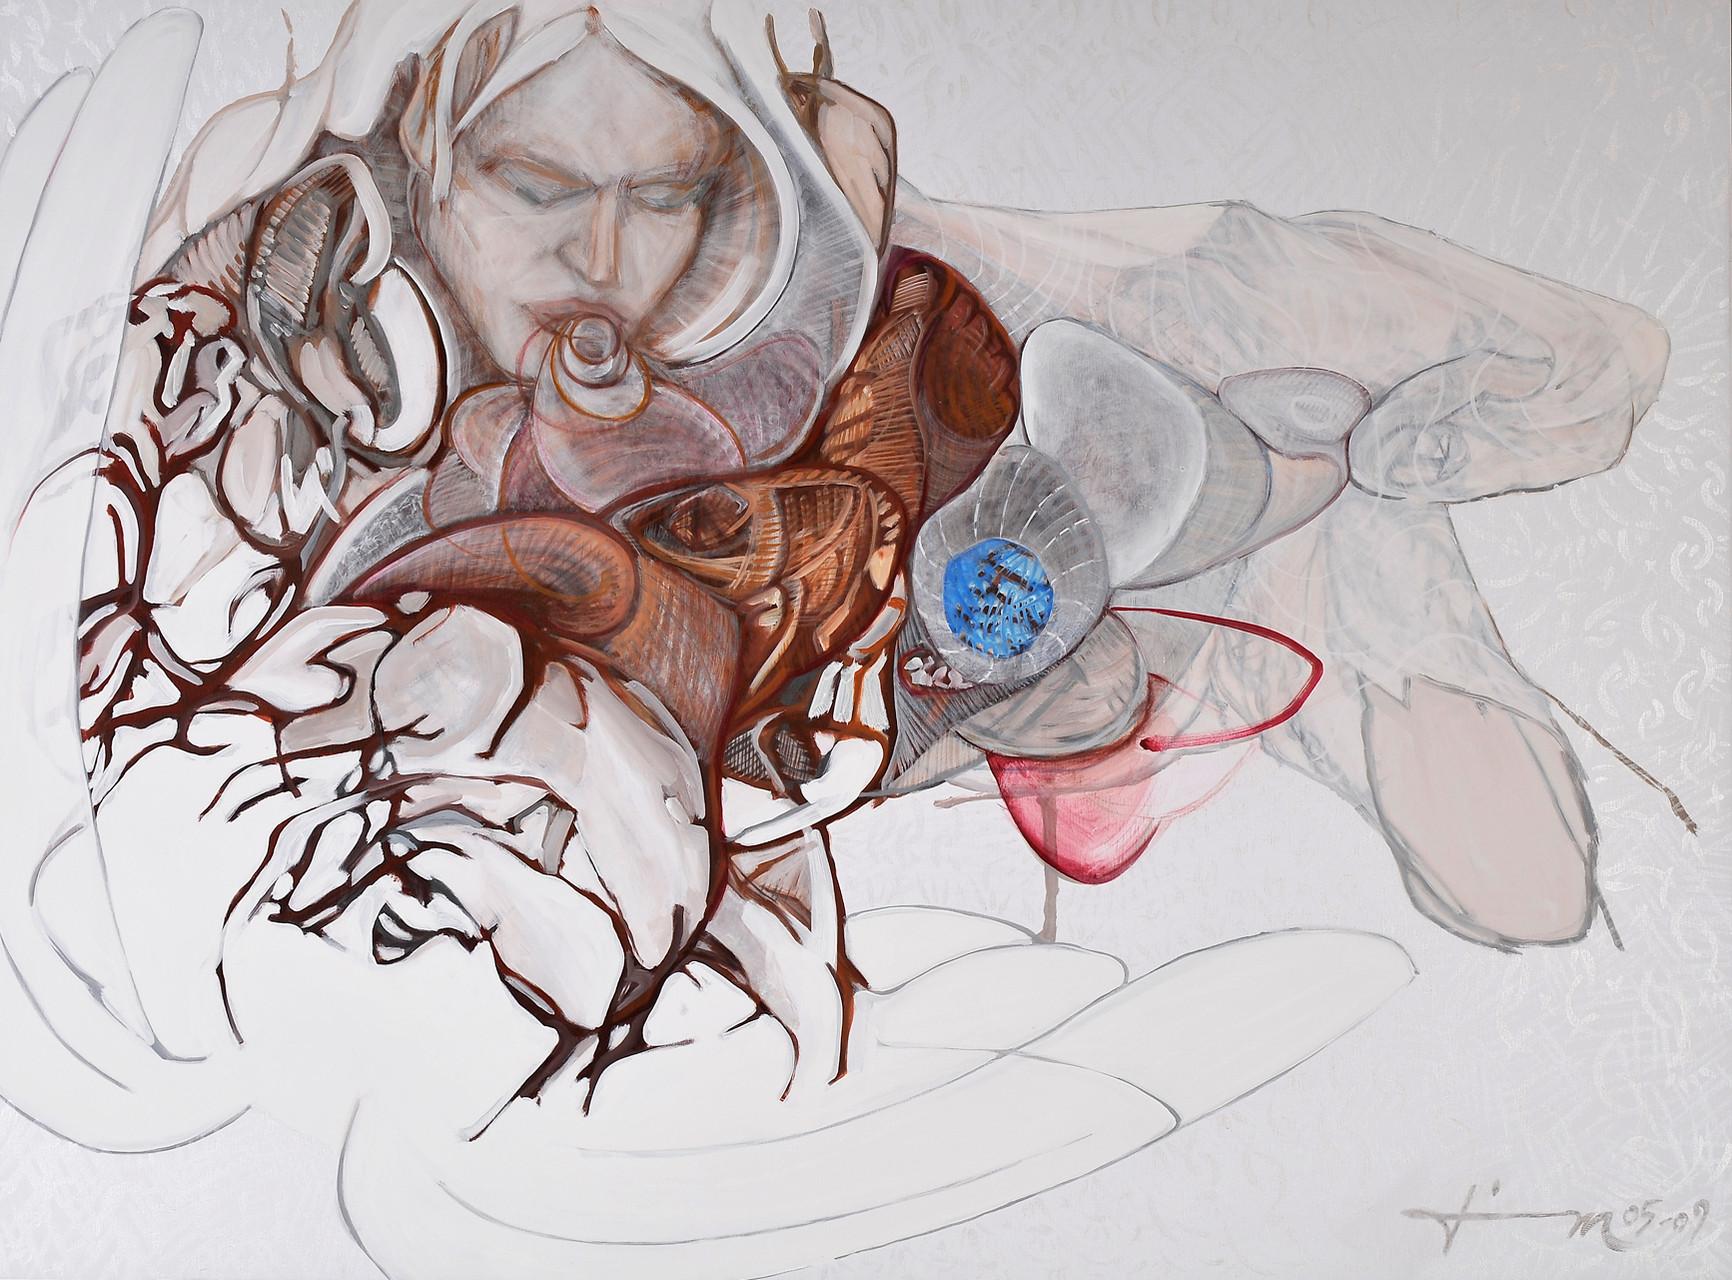 Befreiung, Thomas M. Mayrhofer, 2005-2009, 195x145cm, Acryl auf Textil